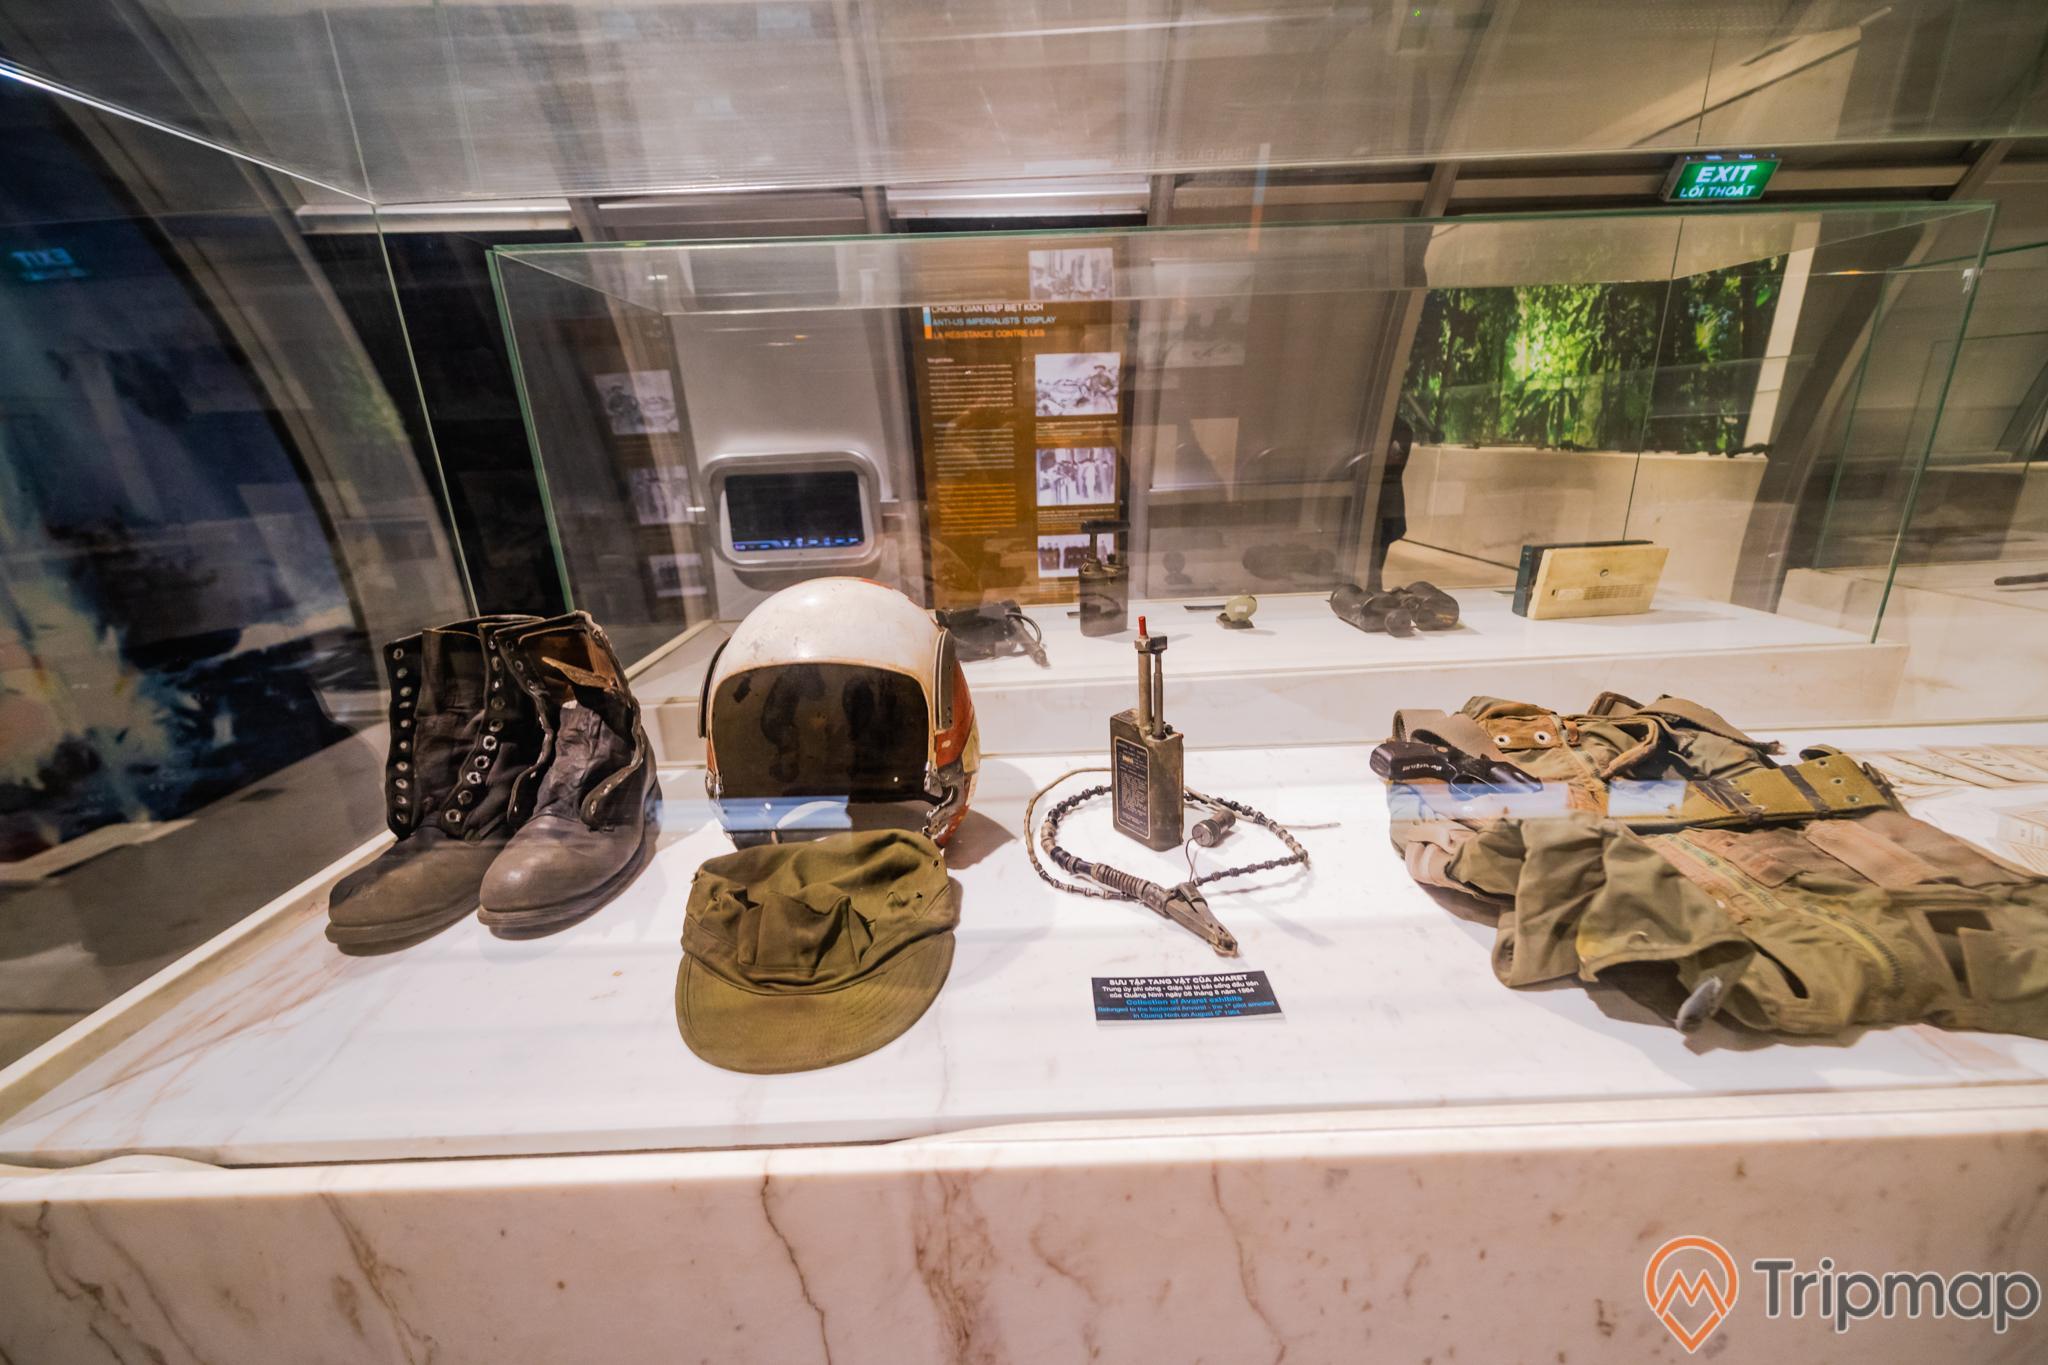 Bảo tàng Quảng Ninh, nơi lưu giữ nhá trị lịch sử, đôi giày màu đen, mũ màu xanh, mũ bảo hiểm màu trắng, bộ đám, bộ quần áo lính màu xanh